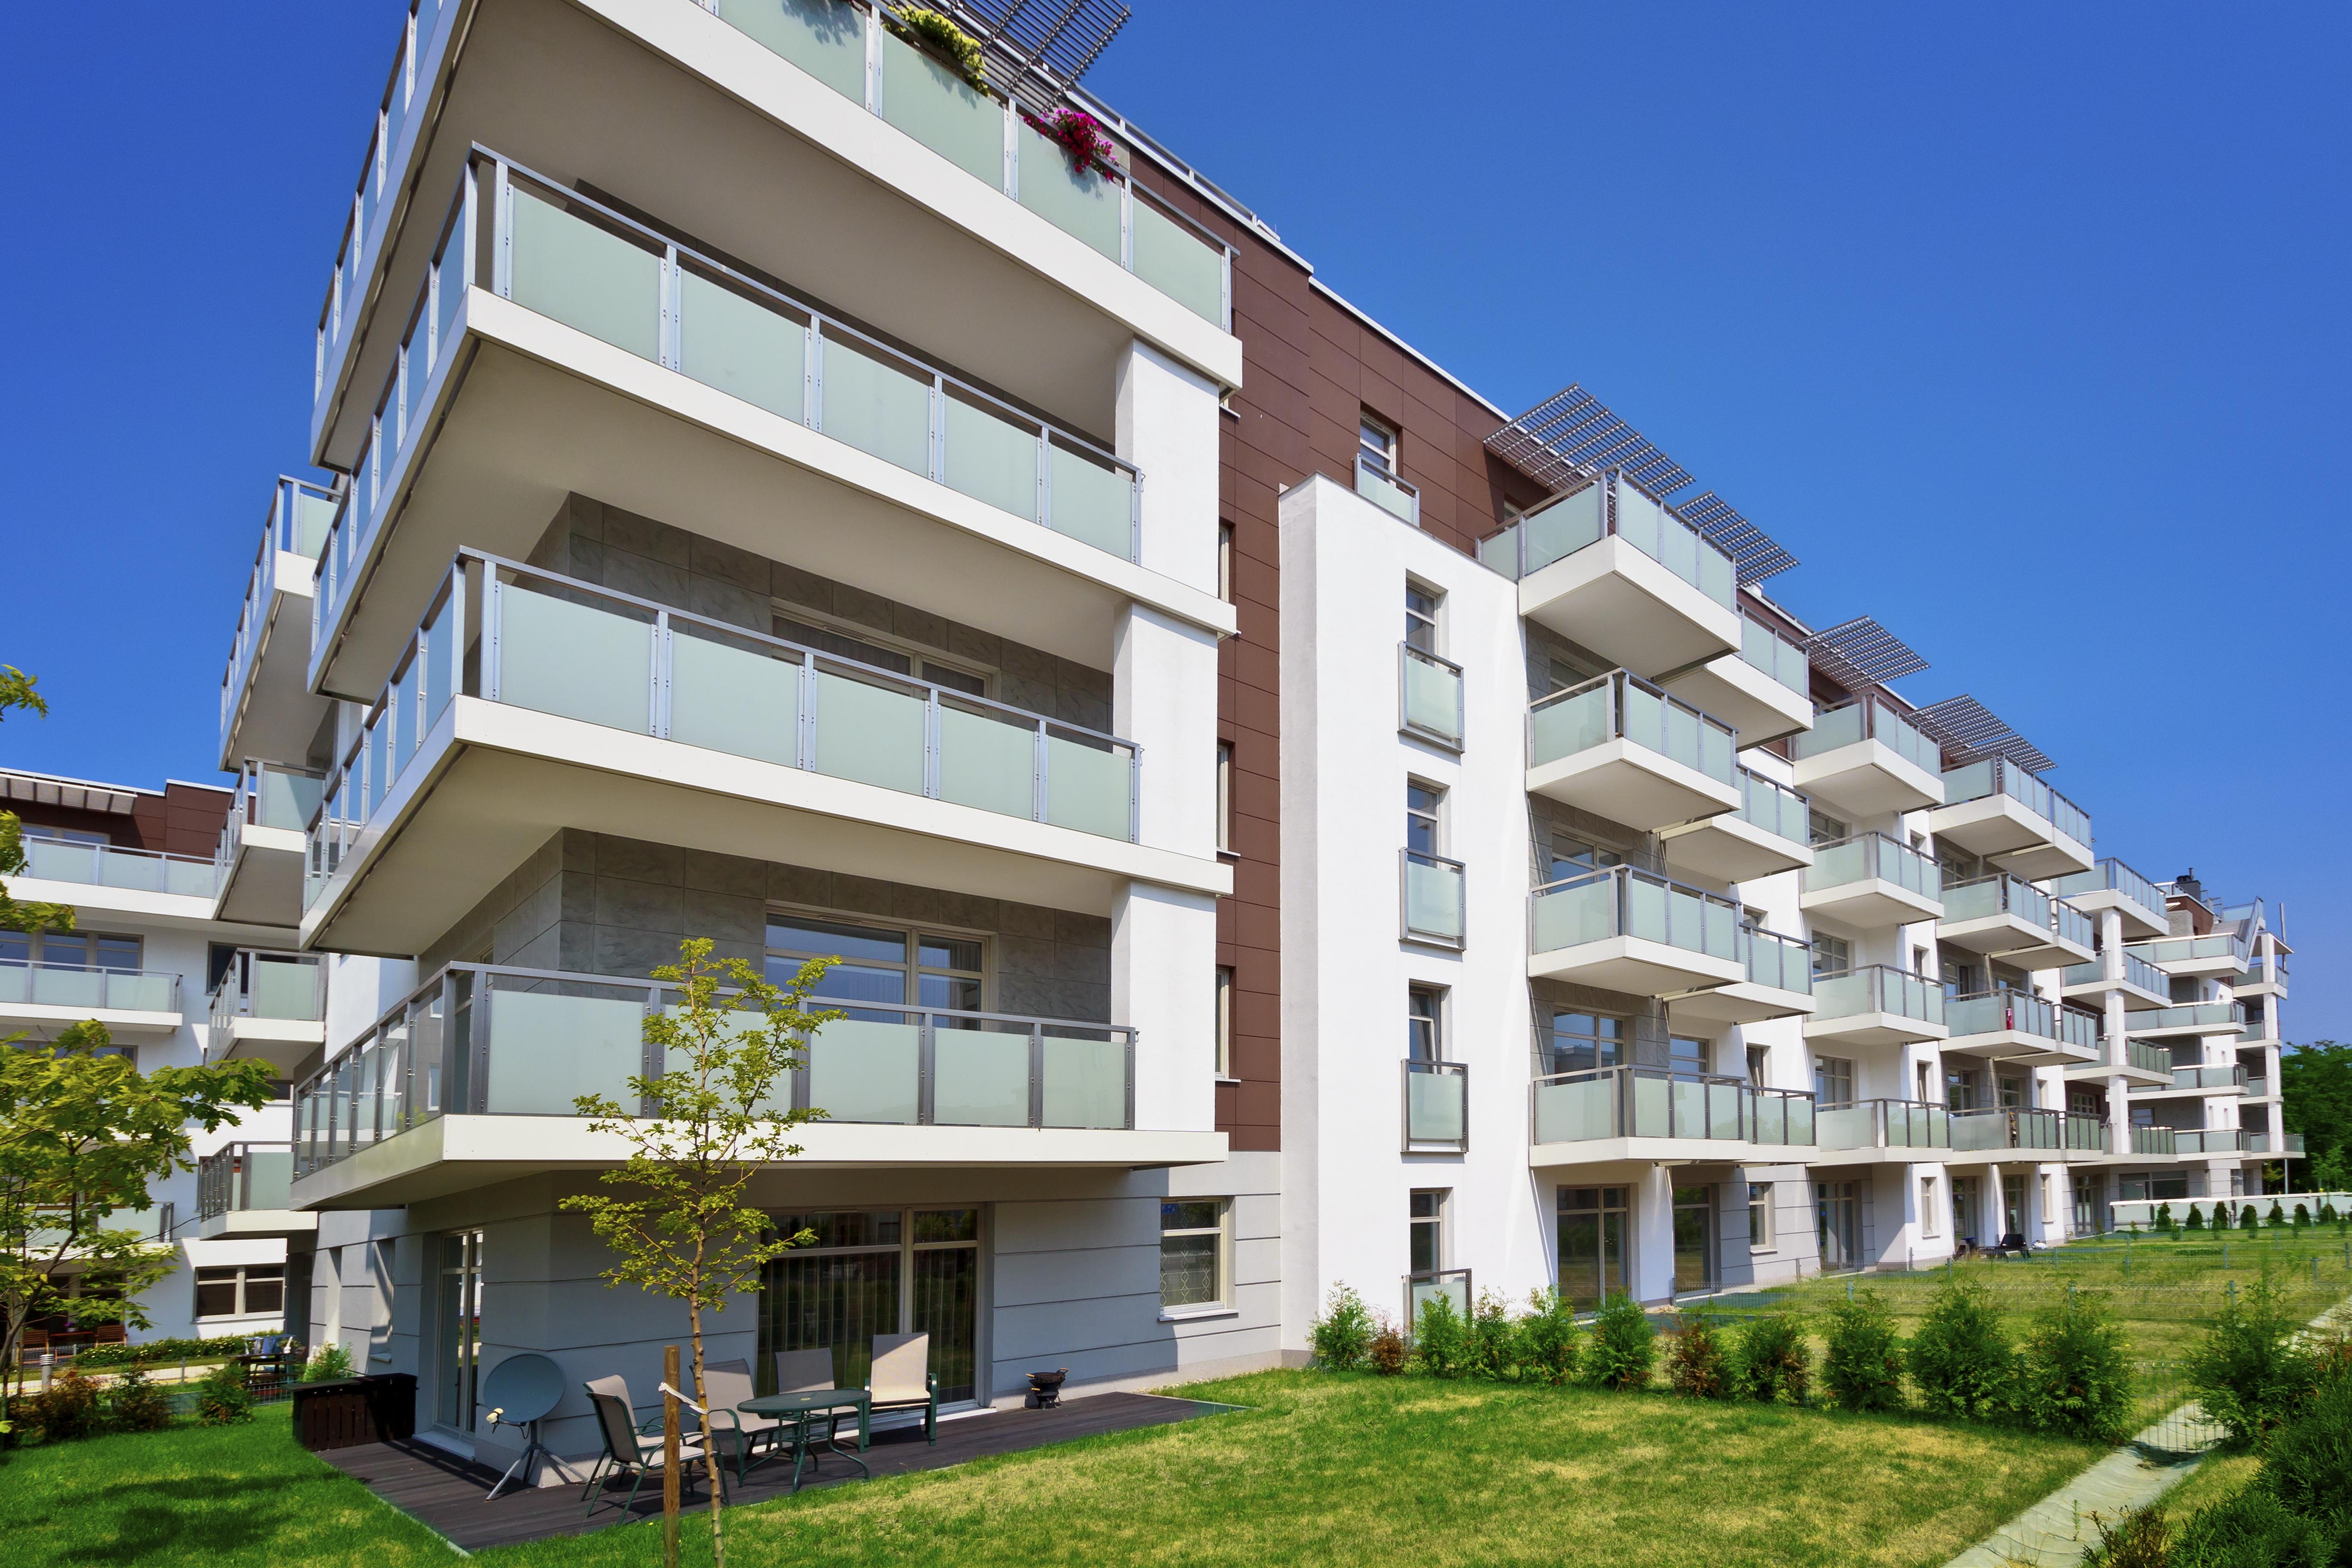 モダンなアパートメントのハウス、グダニスク,ポーランド